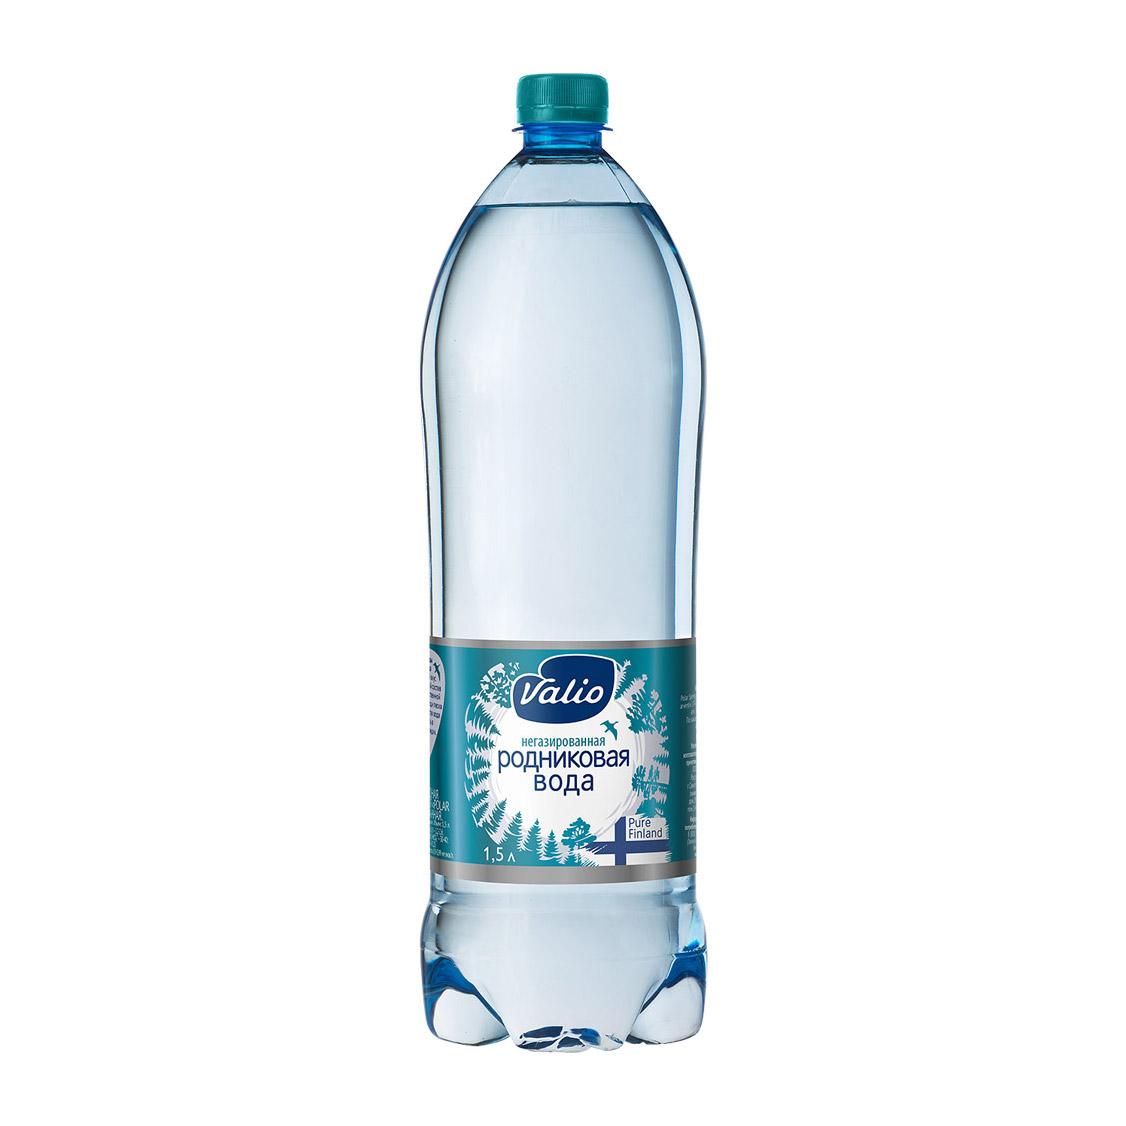 Фото - Вода Valio Spring негазированная 1,5 л йогурт valio clean label малибу